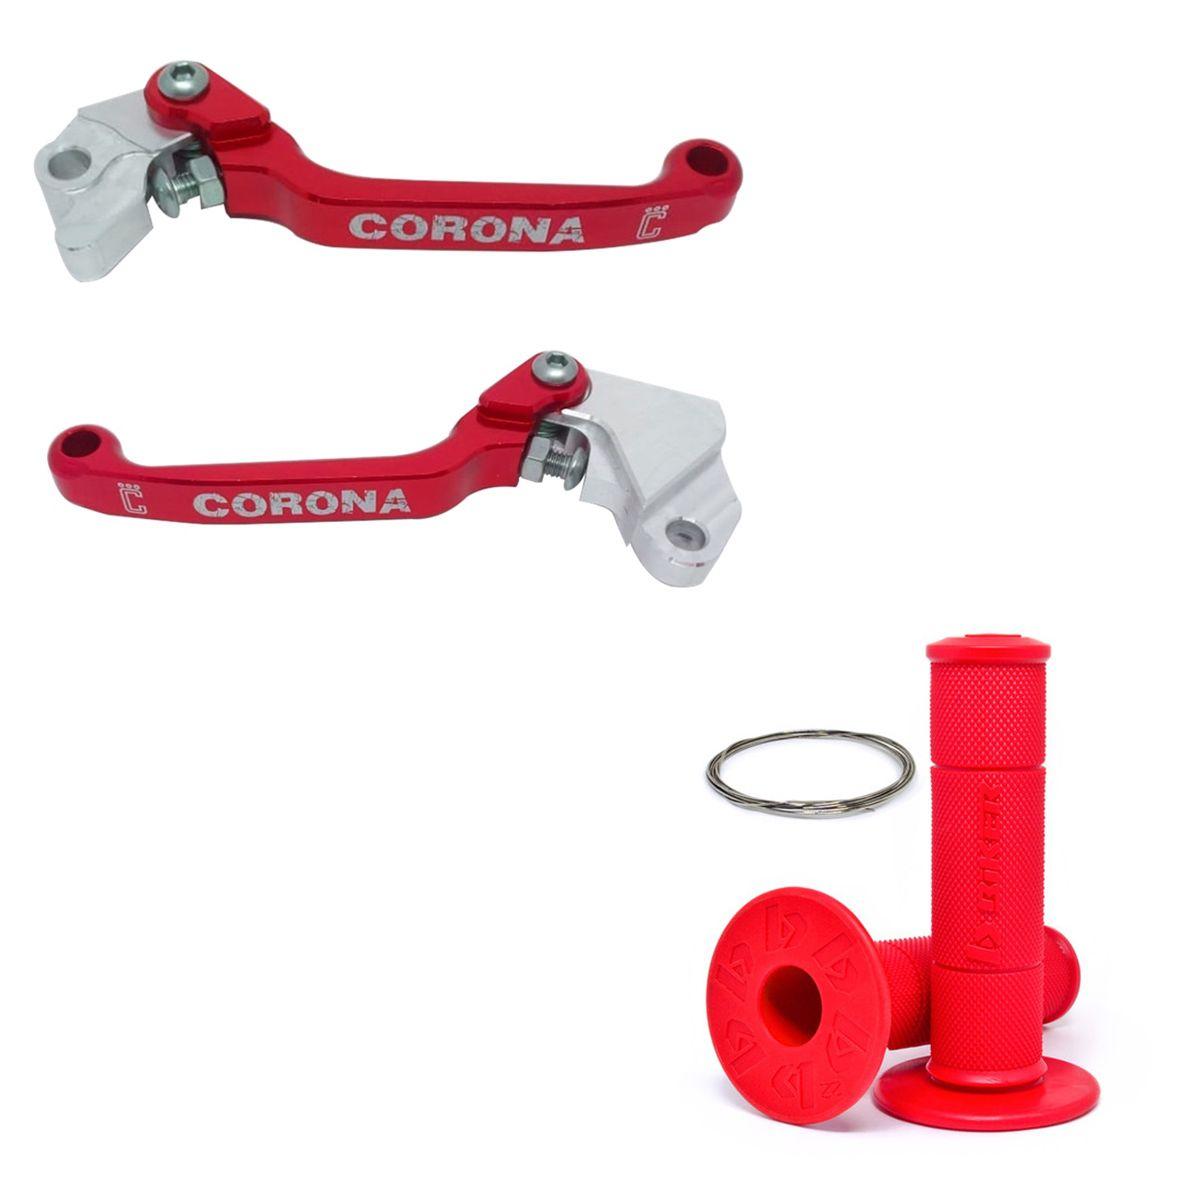 Par Manete Retrátil Corona Crf 230 Crf 250f Com Manopla Biker